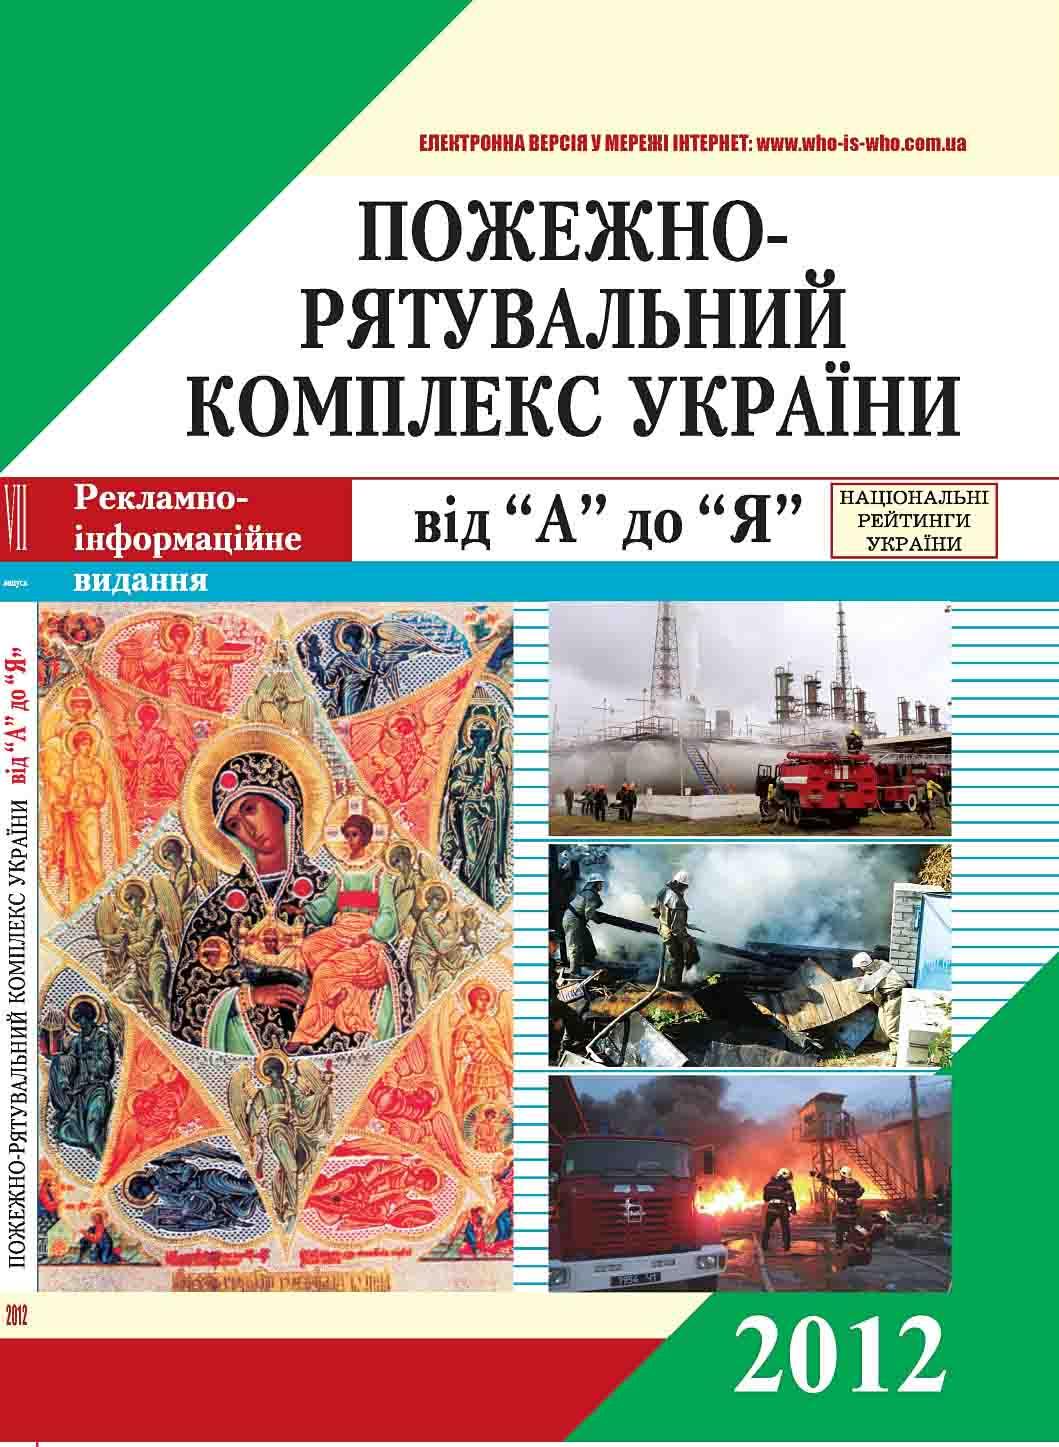 Пожежно-рятувальний комплекс України